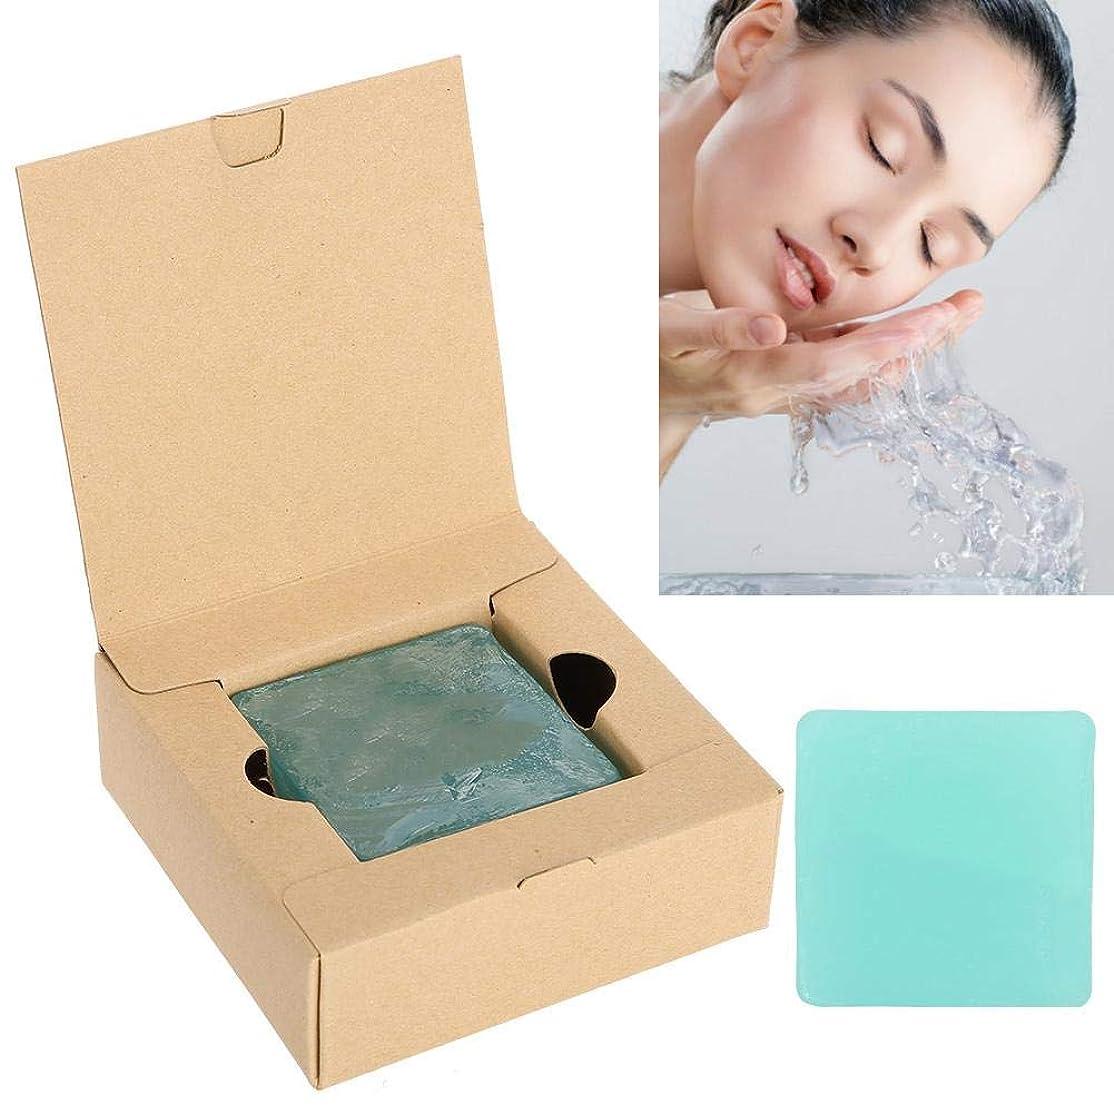 ピストン変化する疑問に思う手作り洗顔せっけん ハンドメイドソープ ティ-ツリーオイル 固形 お肌に優しい 敏感肌 毛穴ケア 100g